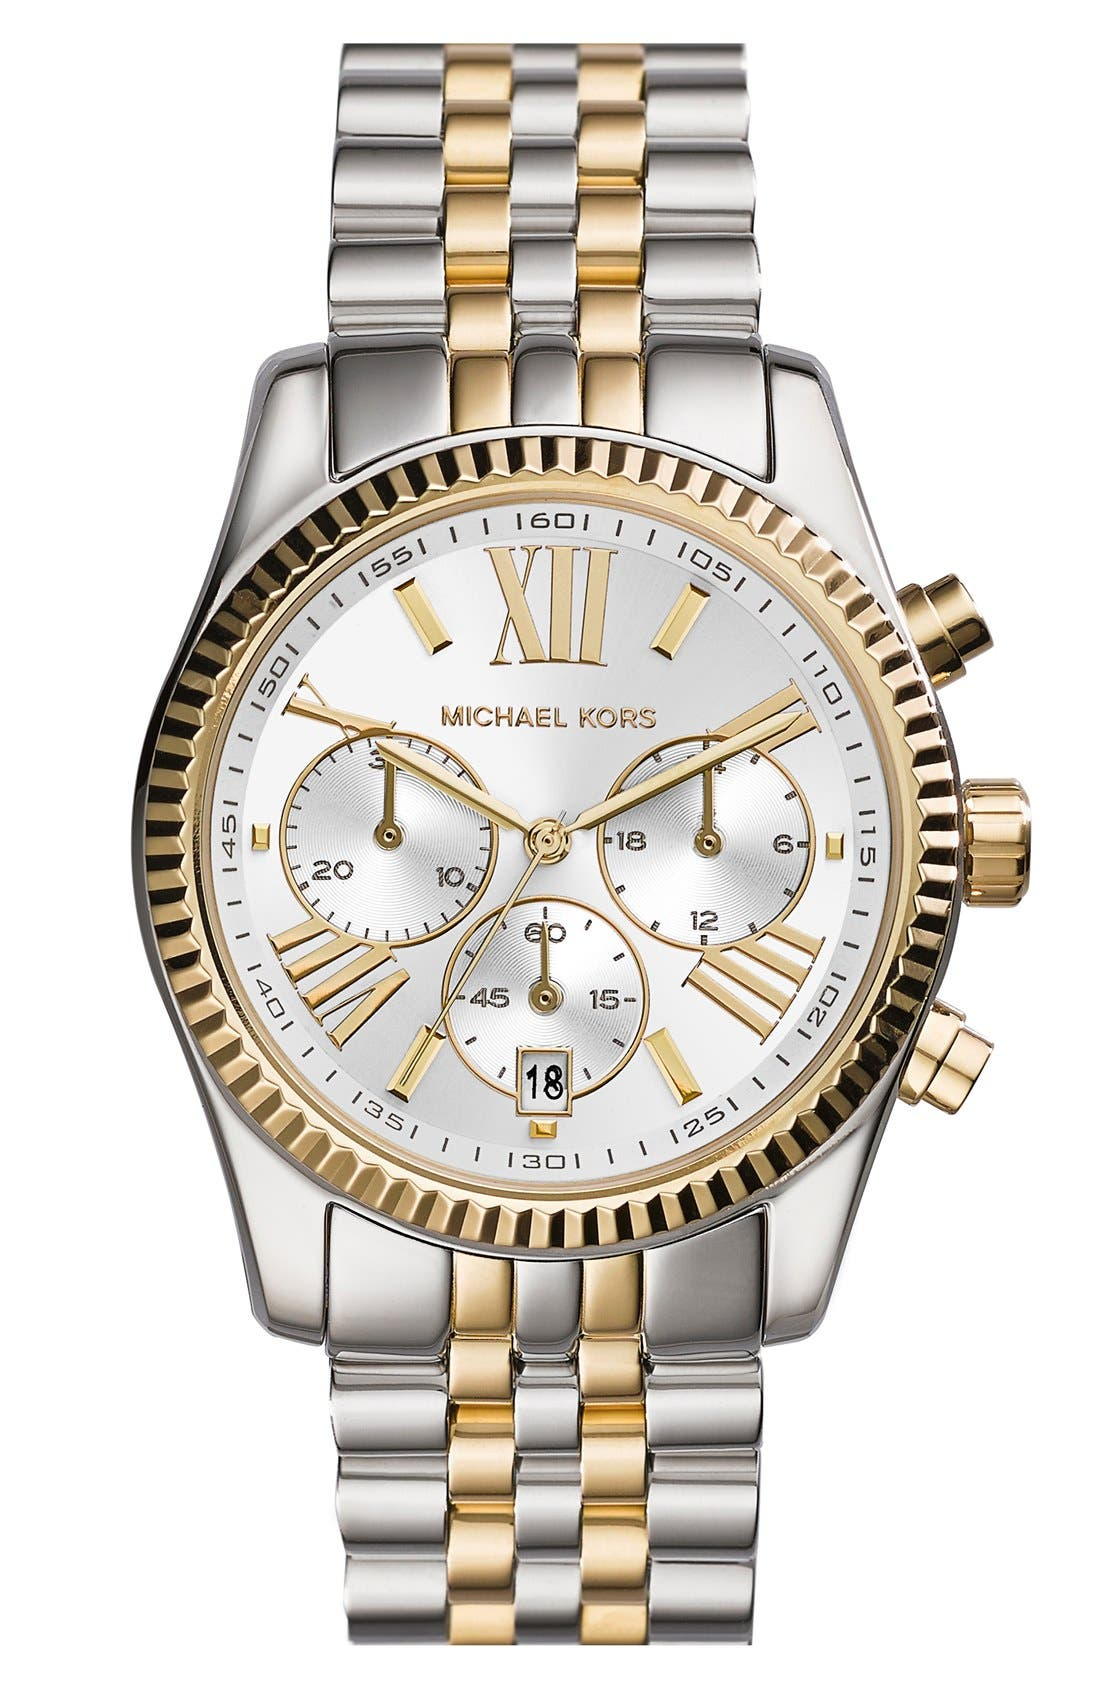 Main Image - Michael Kors 'Lexington' Chronograph Bracelet Watch, 38mm